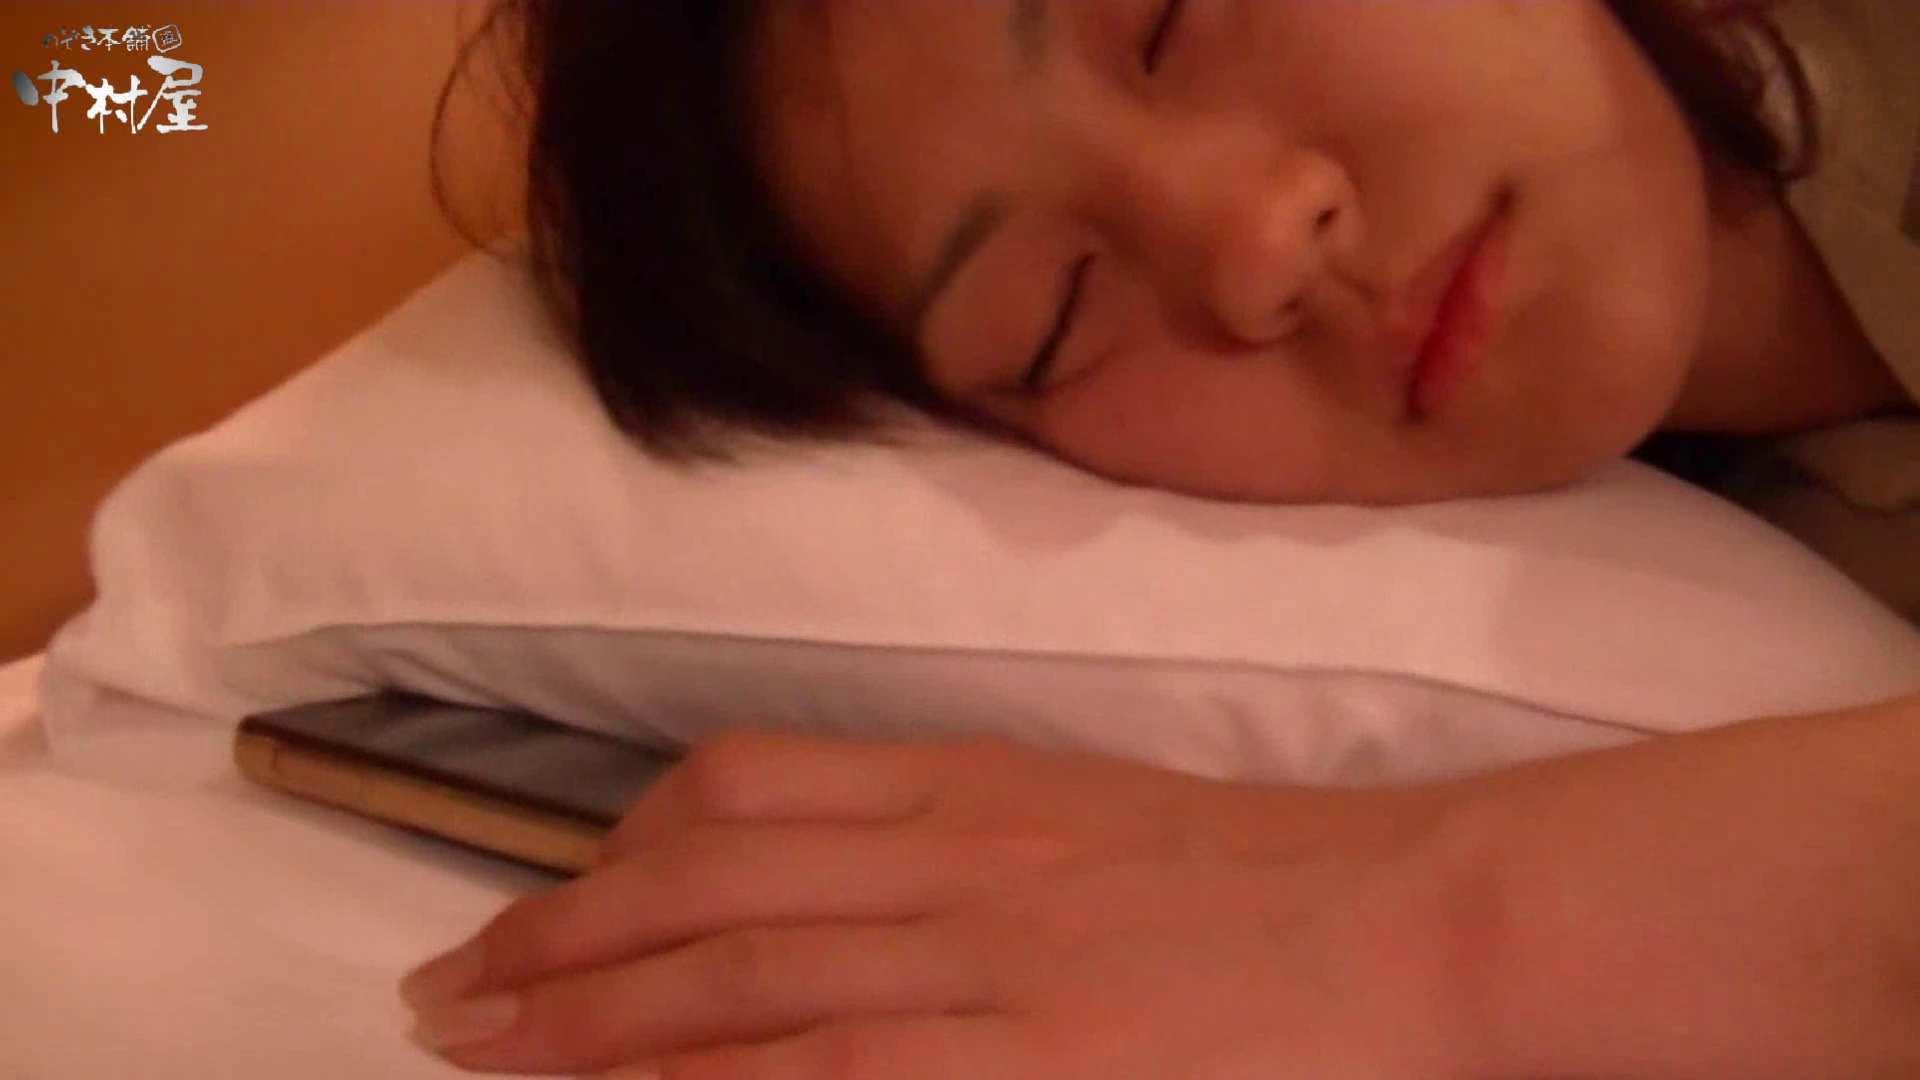 ネムリ姫 vol.43 お姉さんの乳首 ワレメ動画紹介 87PIX 23